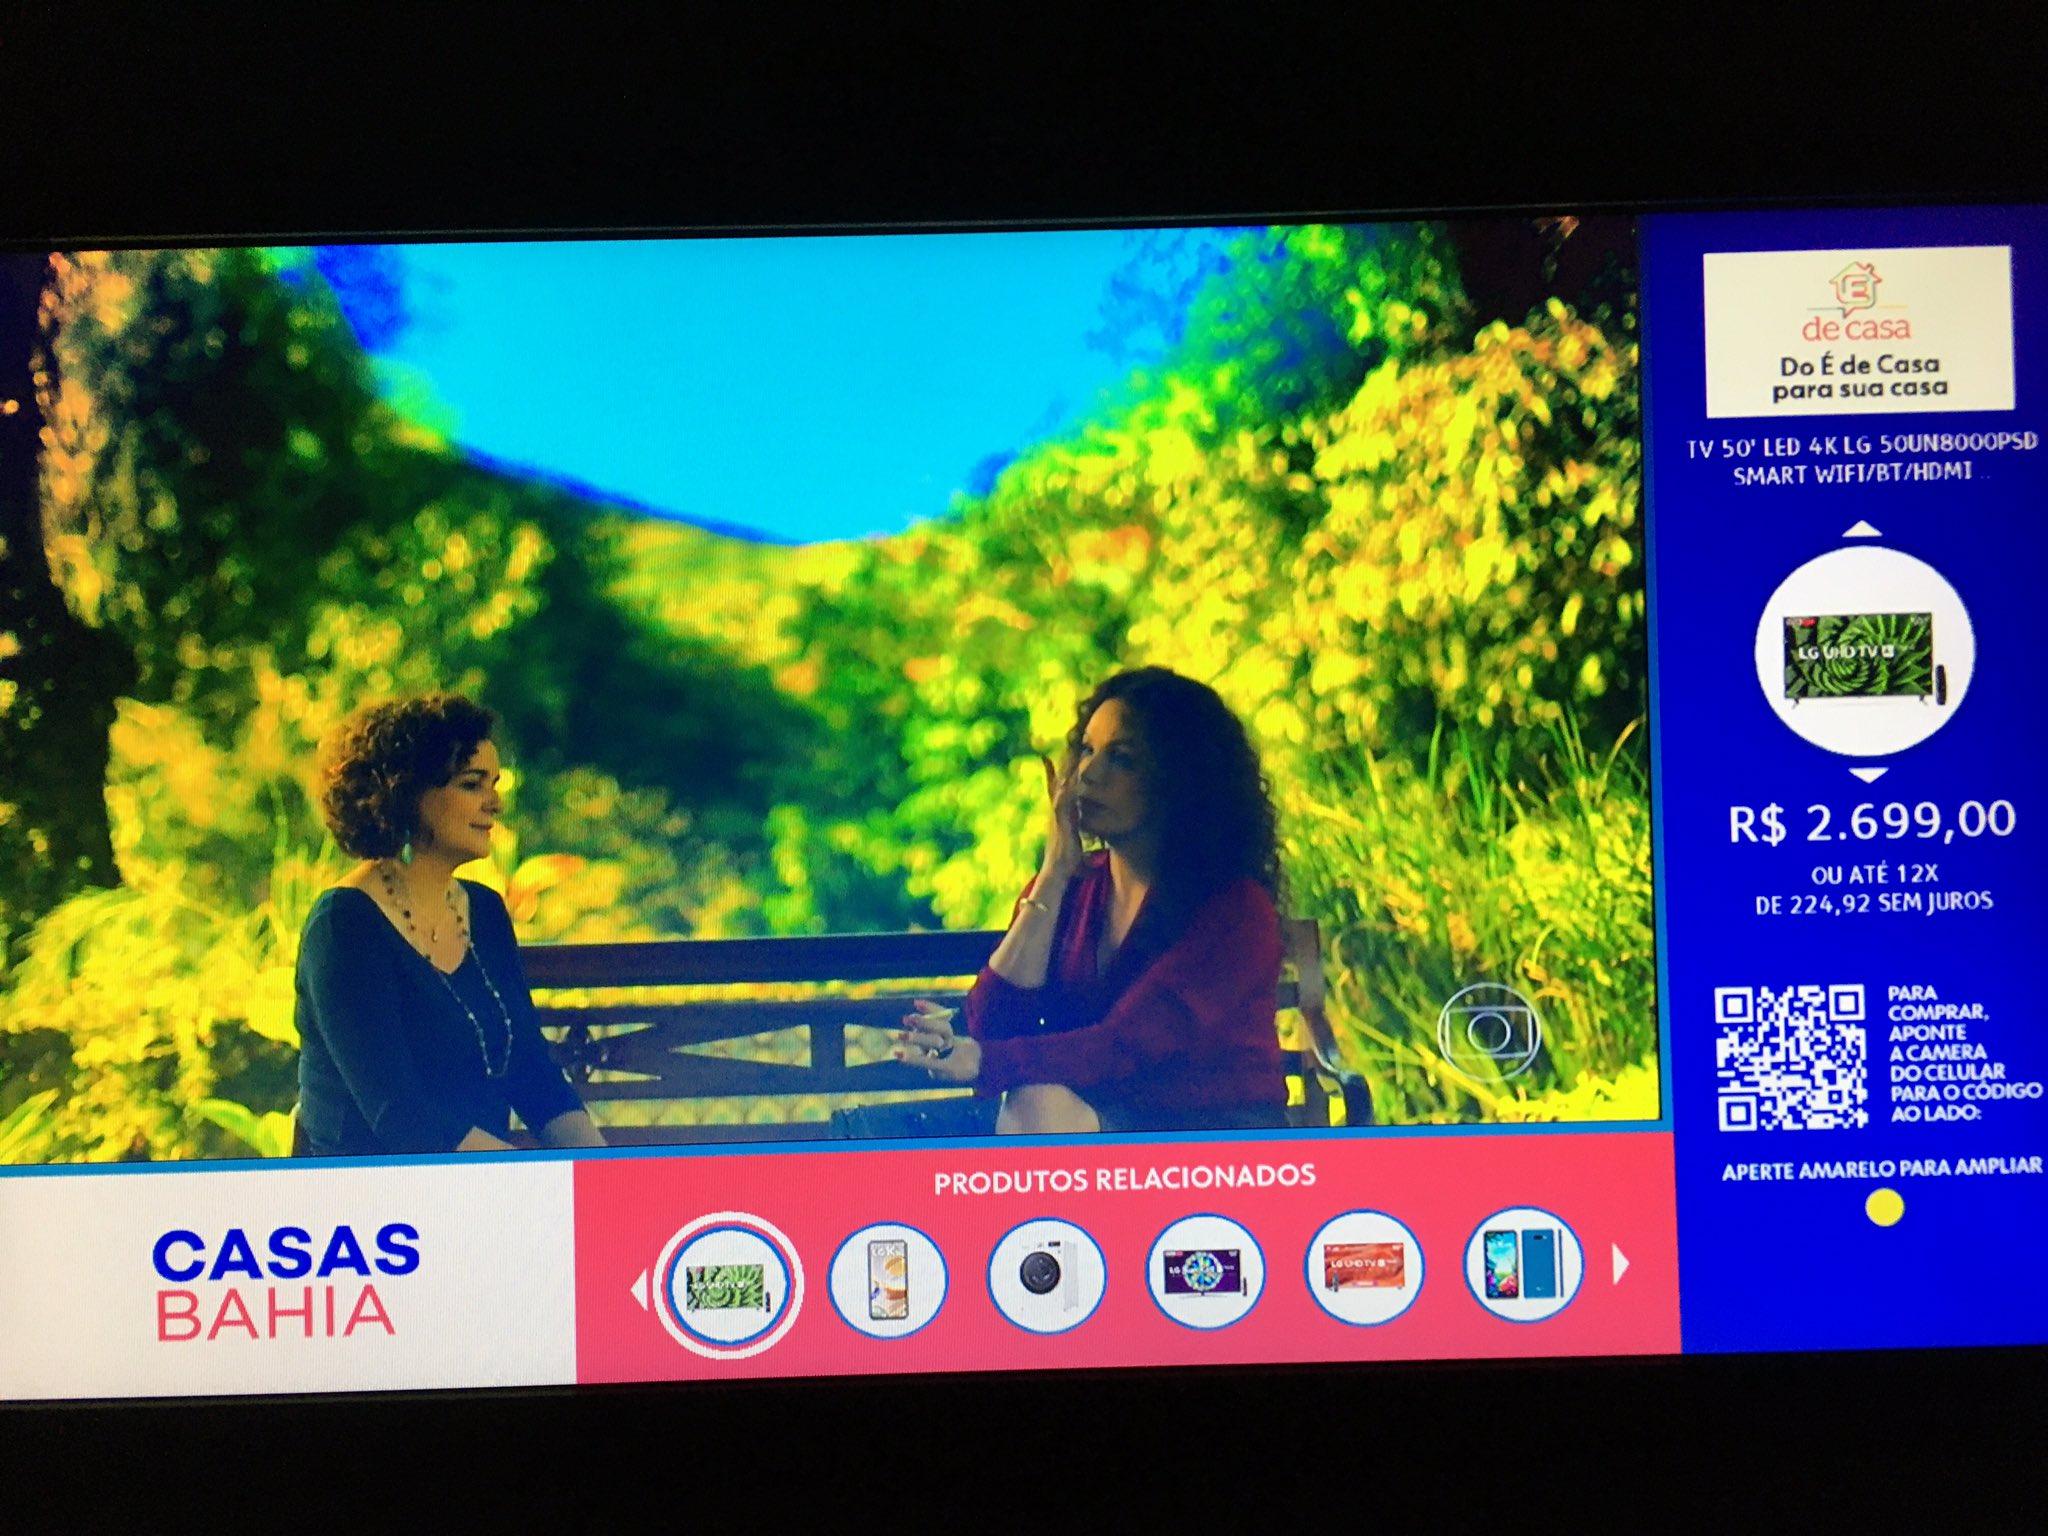 Casas Bahia anunciará ofertas em ferramenta interativa do É de Casa (foto: Reprodução/TV Globo)